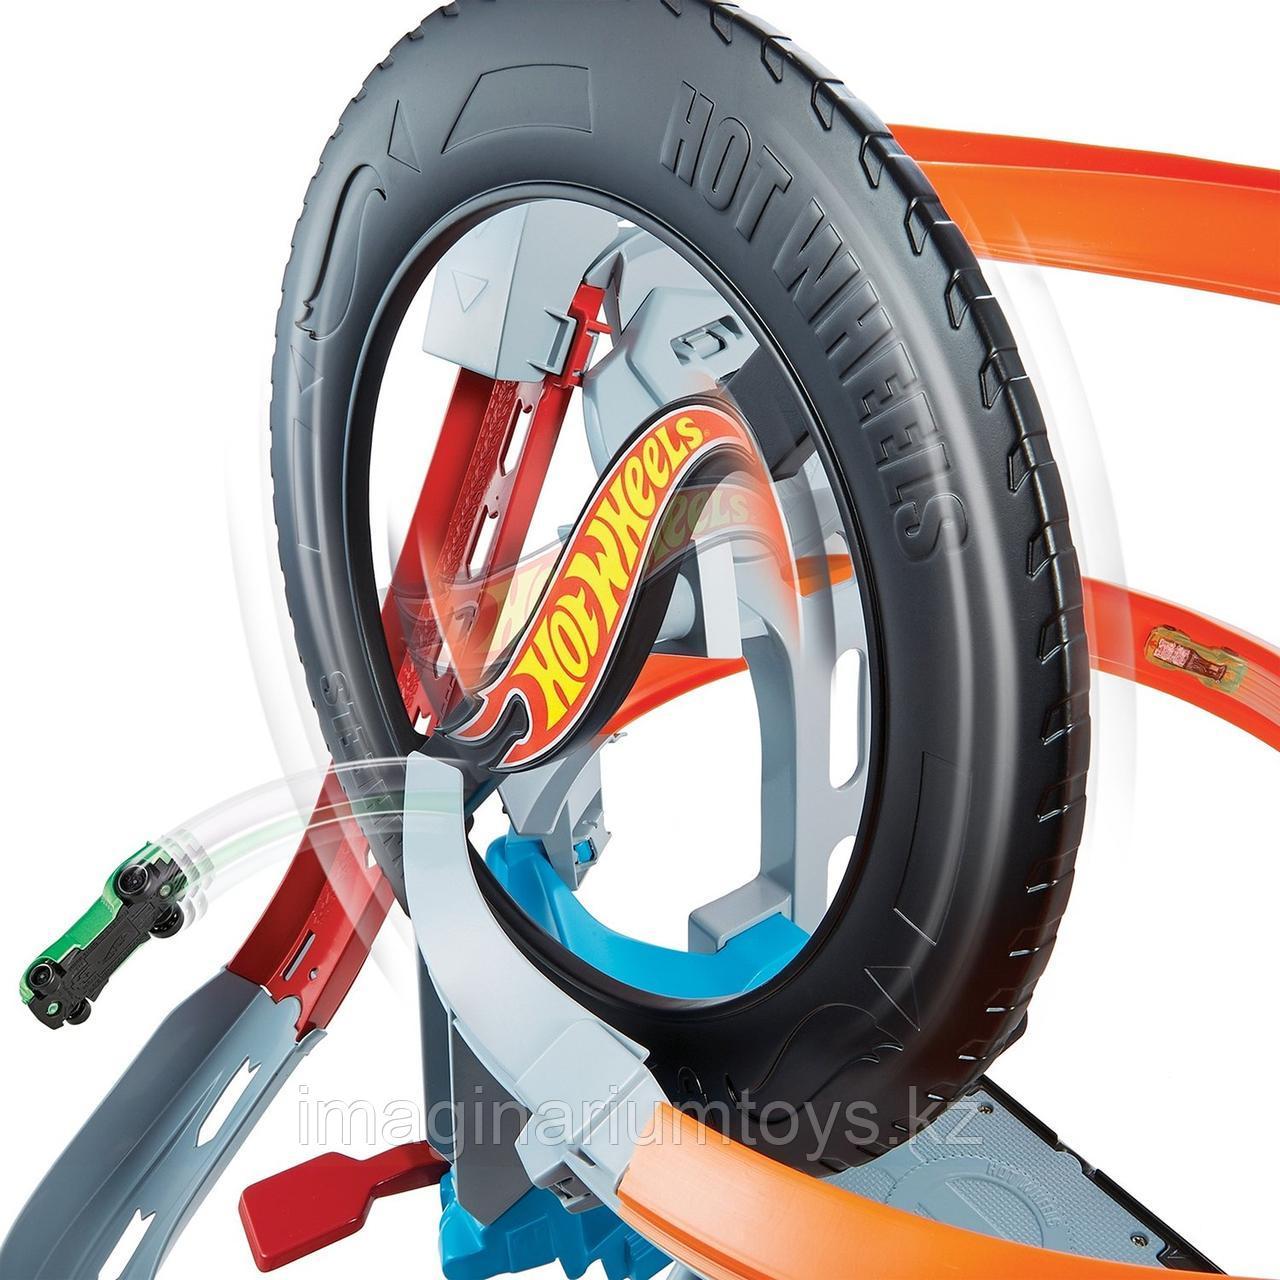 Трек Hot Wheels моторизованный «Шиномонтажная мастерская» - фото 7